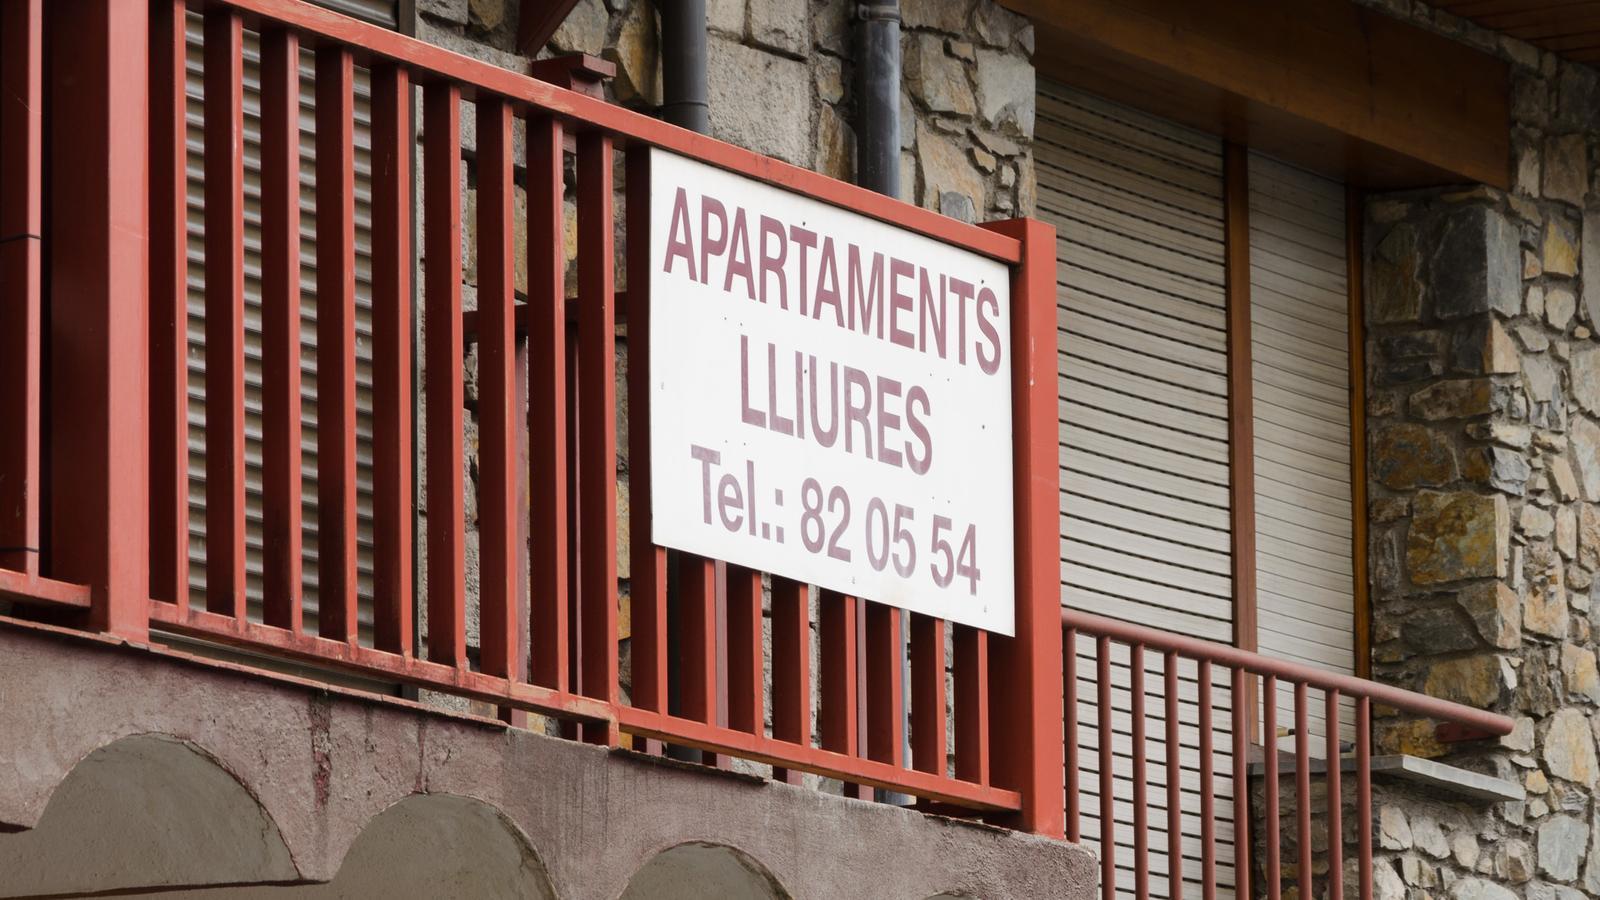 Un cartell anunciant el lloguer d'apartaments. / D. R.